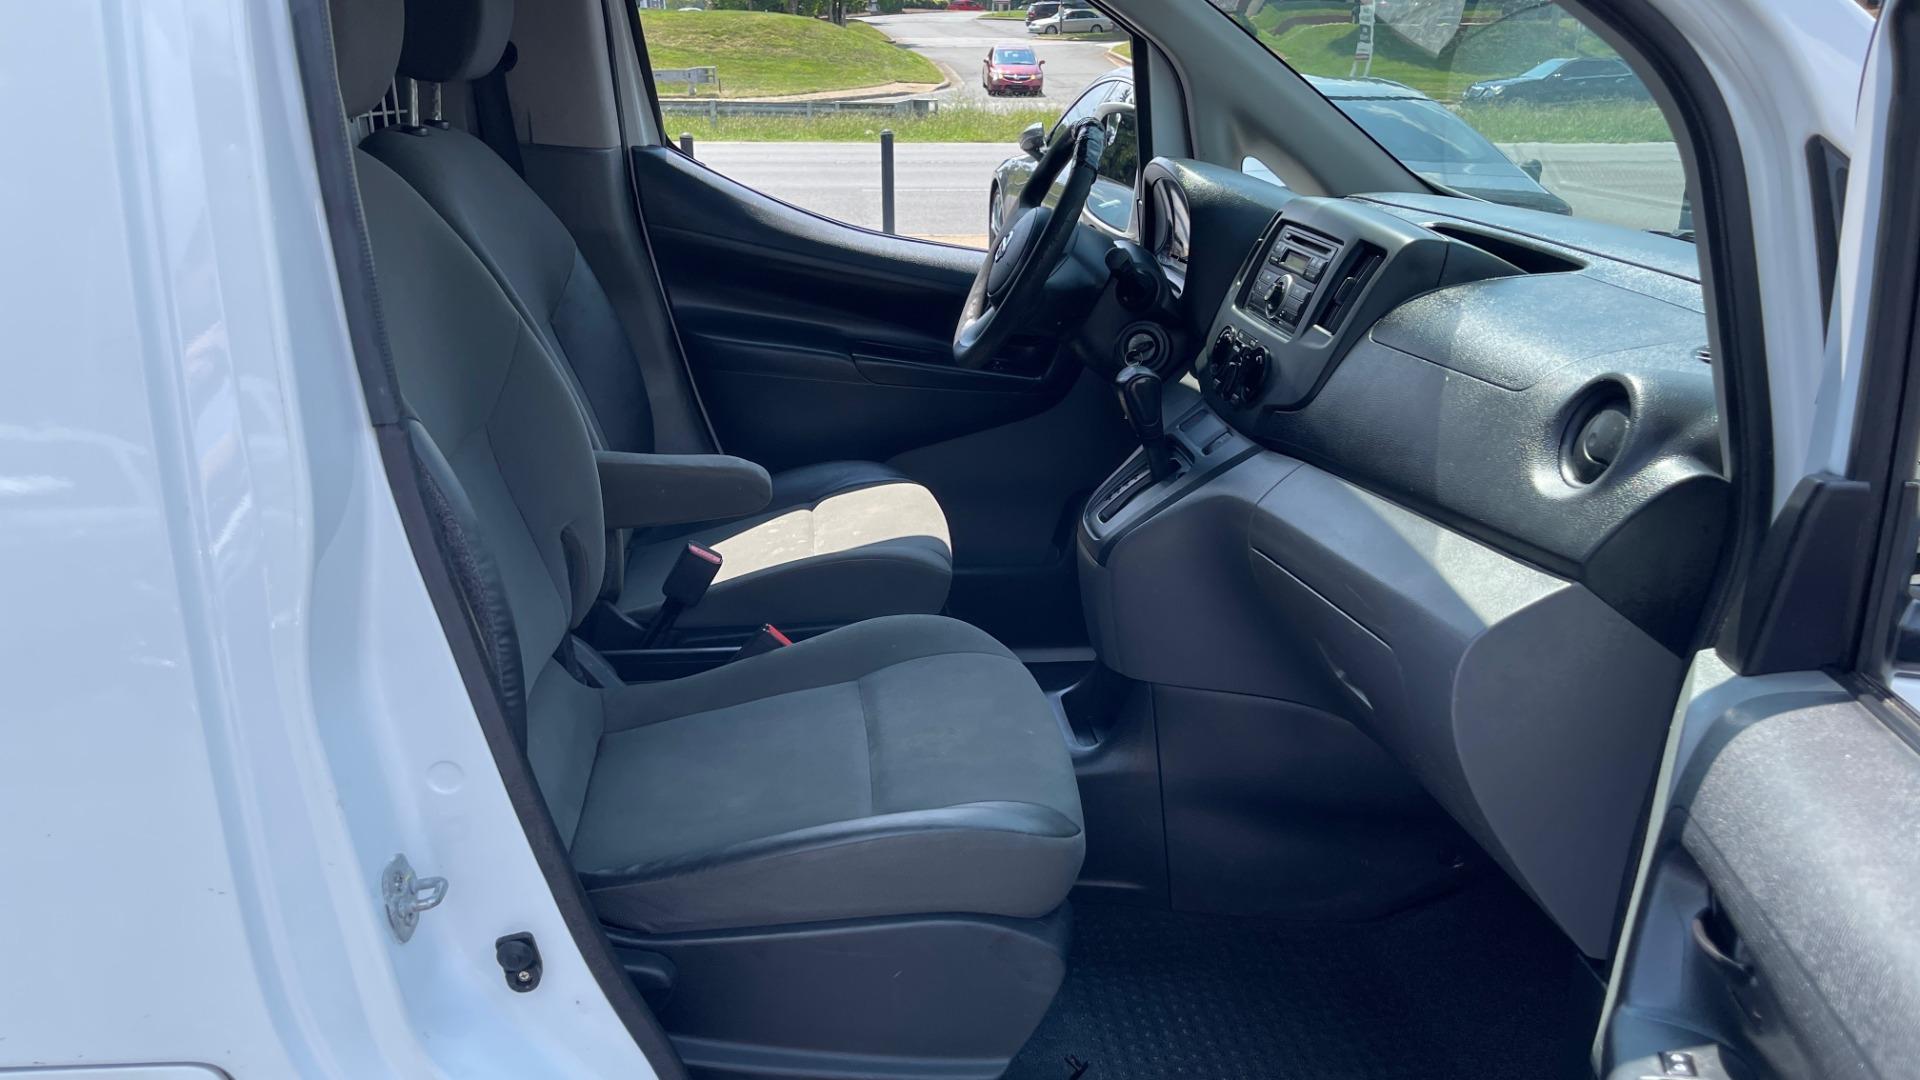 Used 2016 Nissan NV200 SV / WORK VAN / EXT APPEARNACE PKG / SPLASH GUARDS for sale $14,999 at Formula Imports in Charlotte NC 28227 52